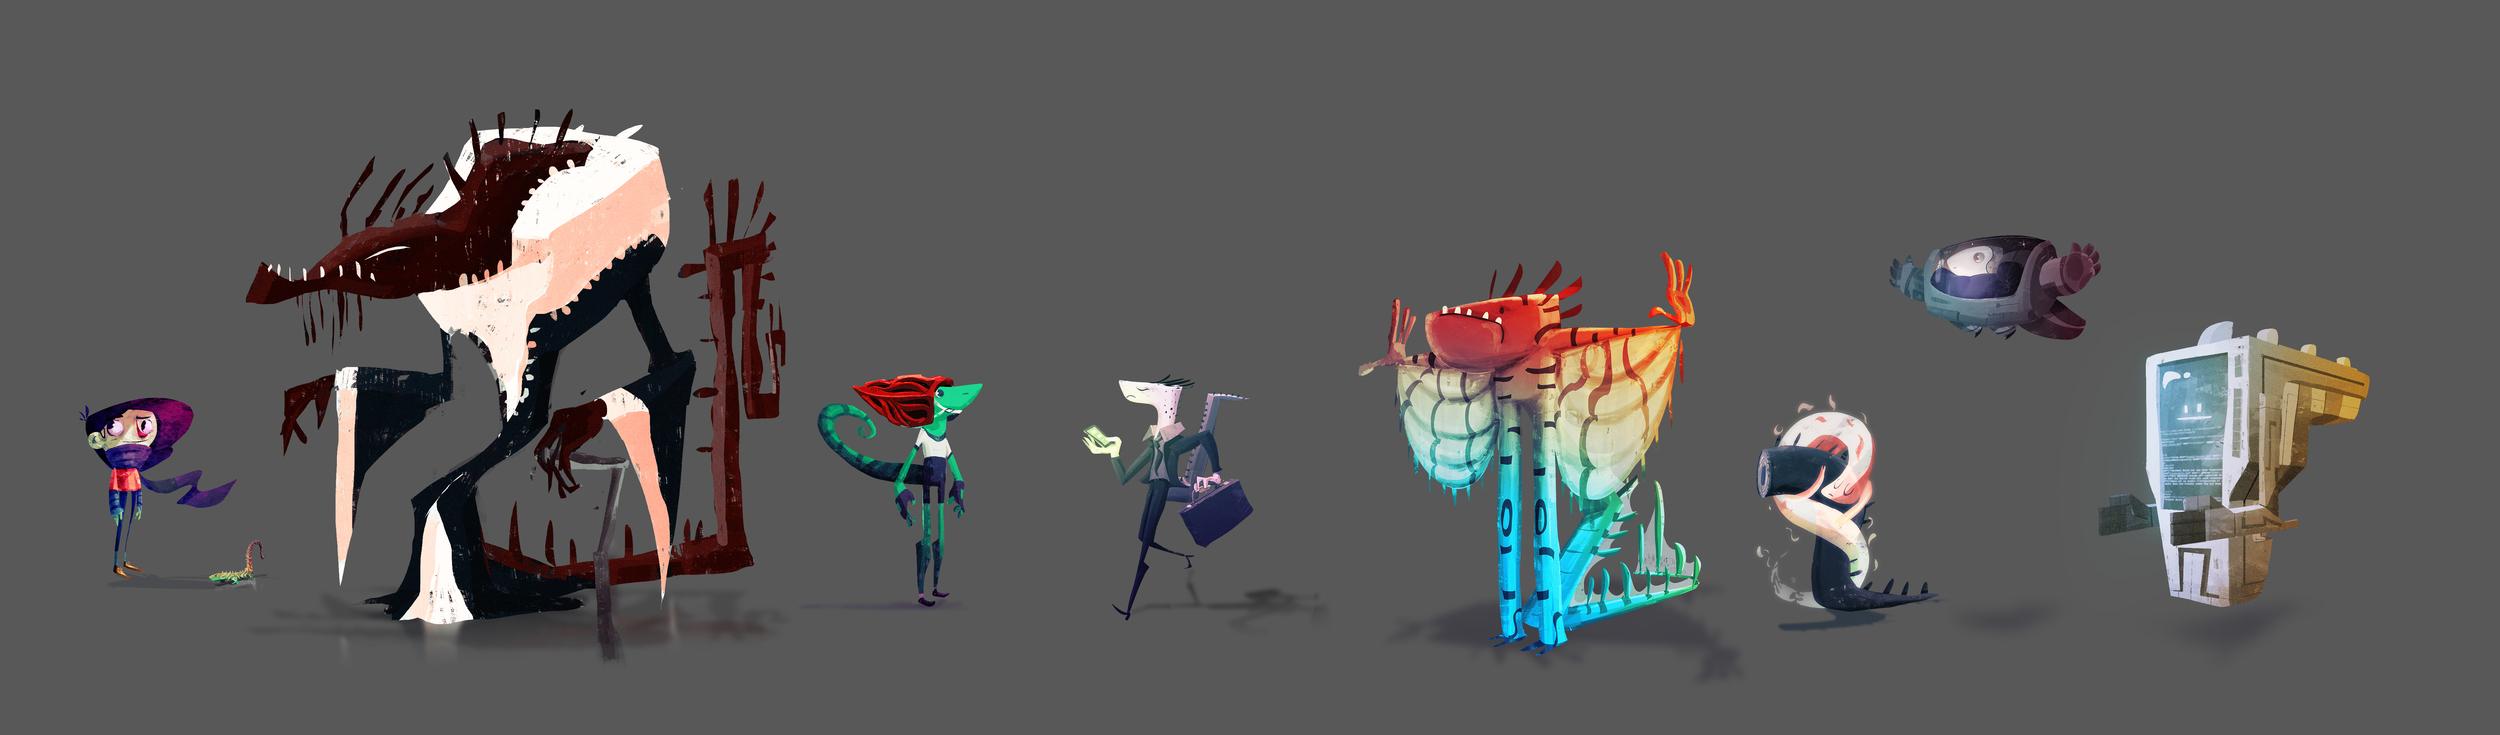 CharacterLineUp.jpg